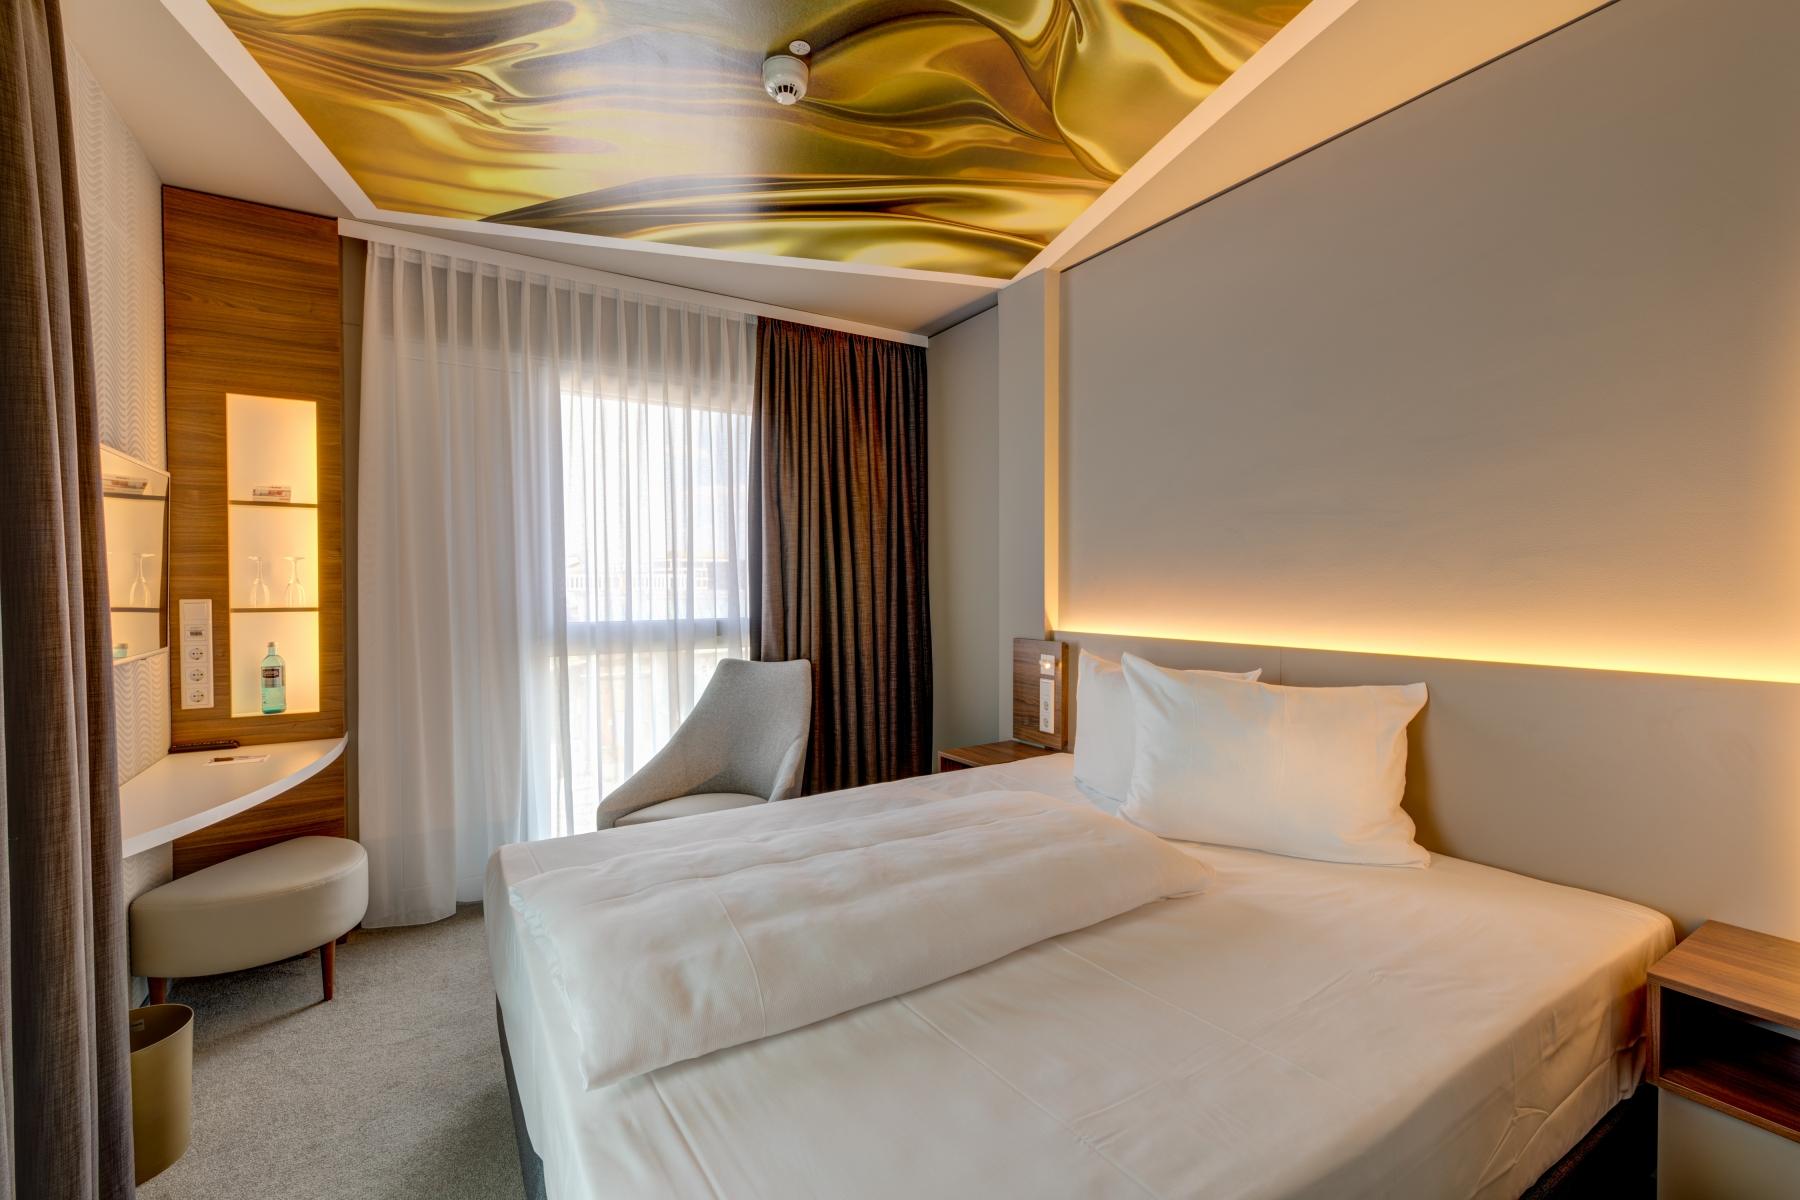 flotte kusser hotel med jacuzzi på værelset